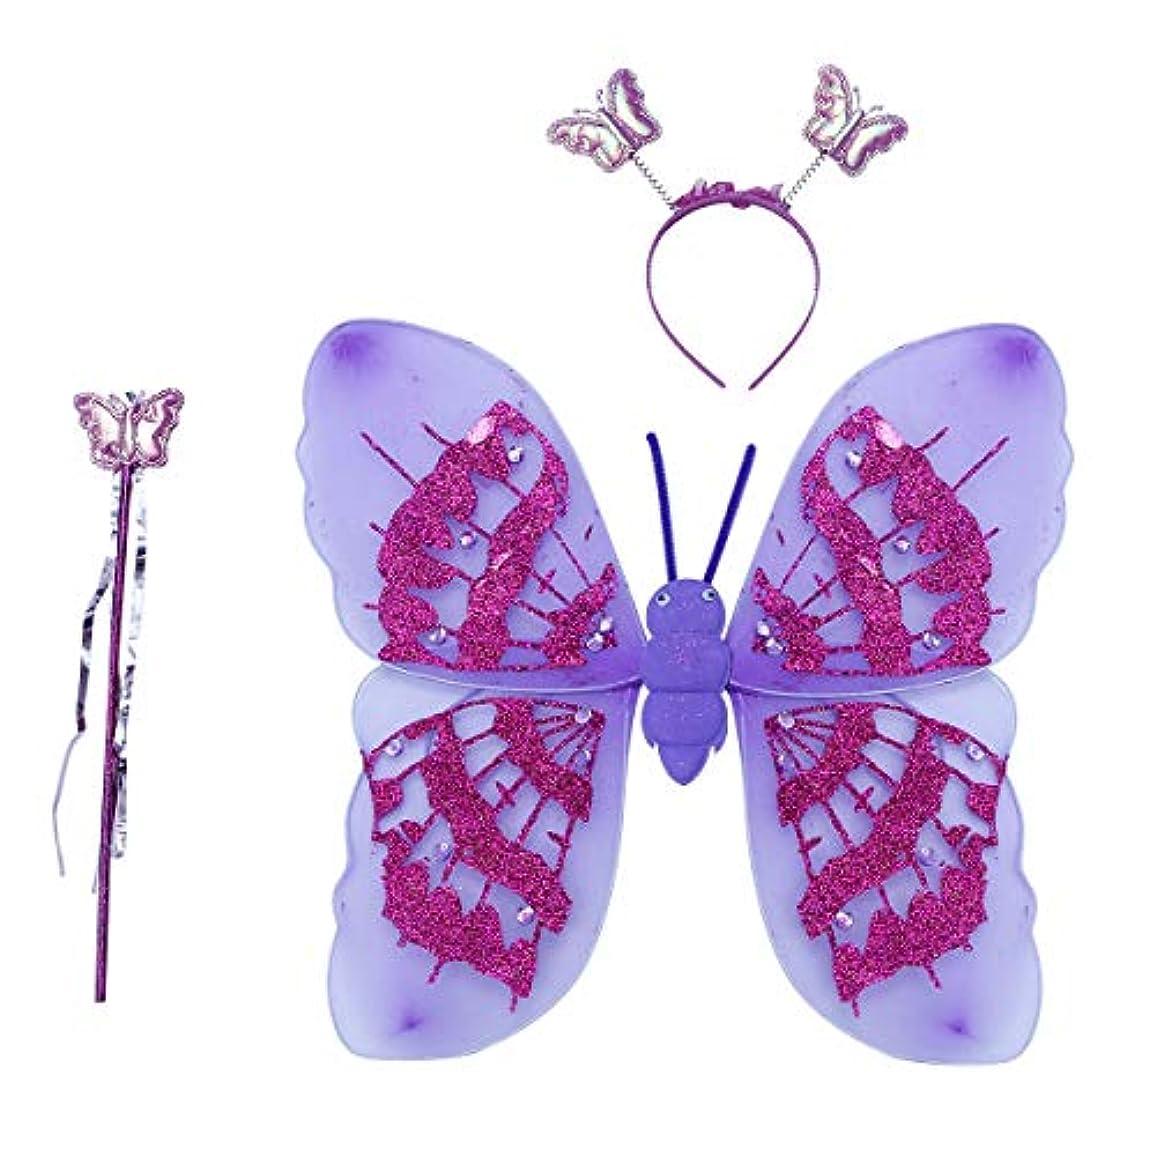 イベントマガジン金銭的BESTOYARD ガールズフェアリーバタフライウィングスコスチュームヘアバンドフェアリーワンドパフォーマンスコスチュームセットパーティーコスチュームセット(3pcs、Purple)